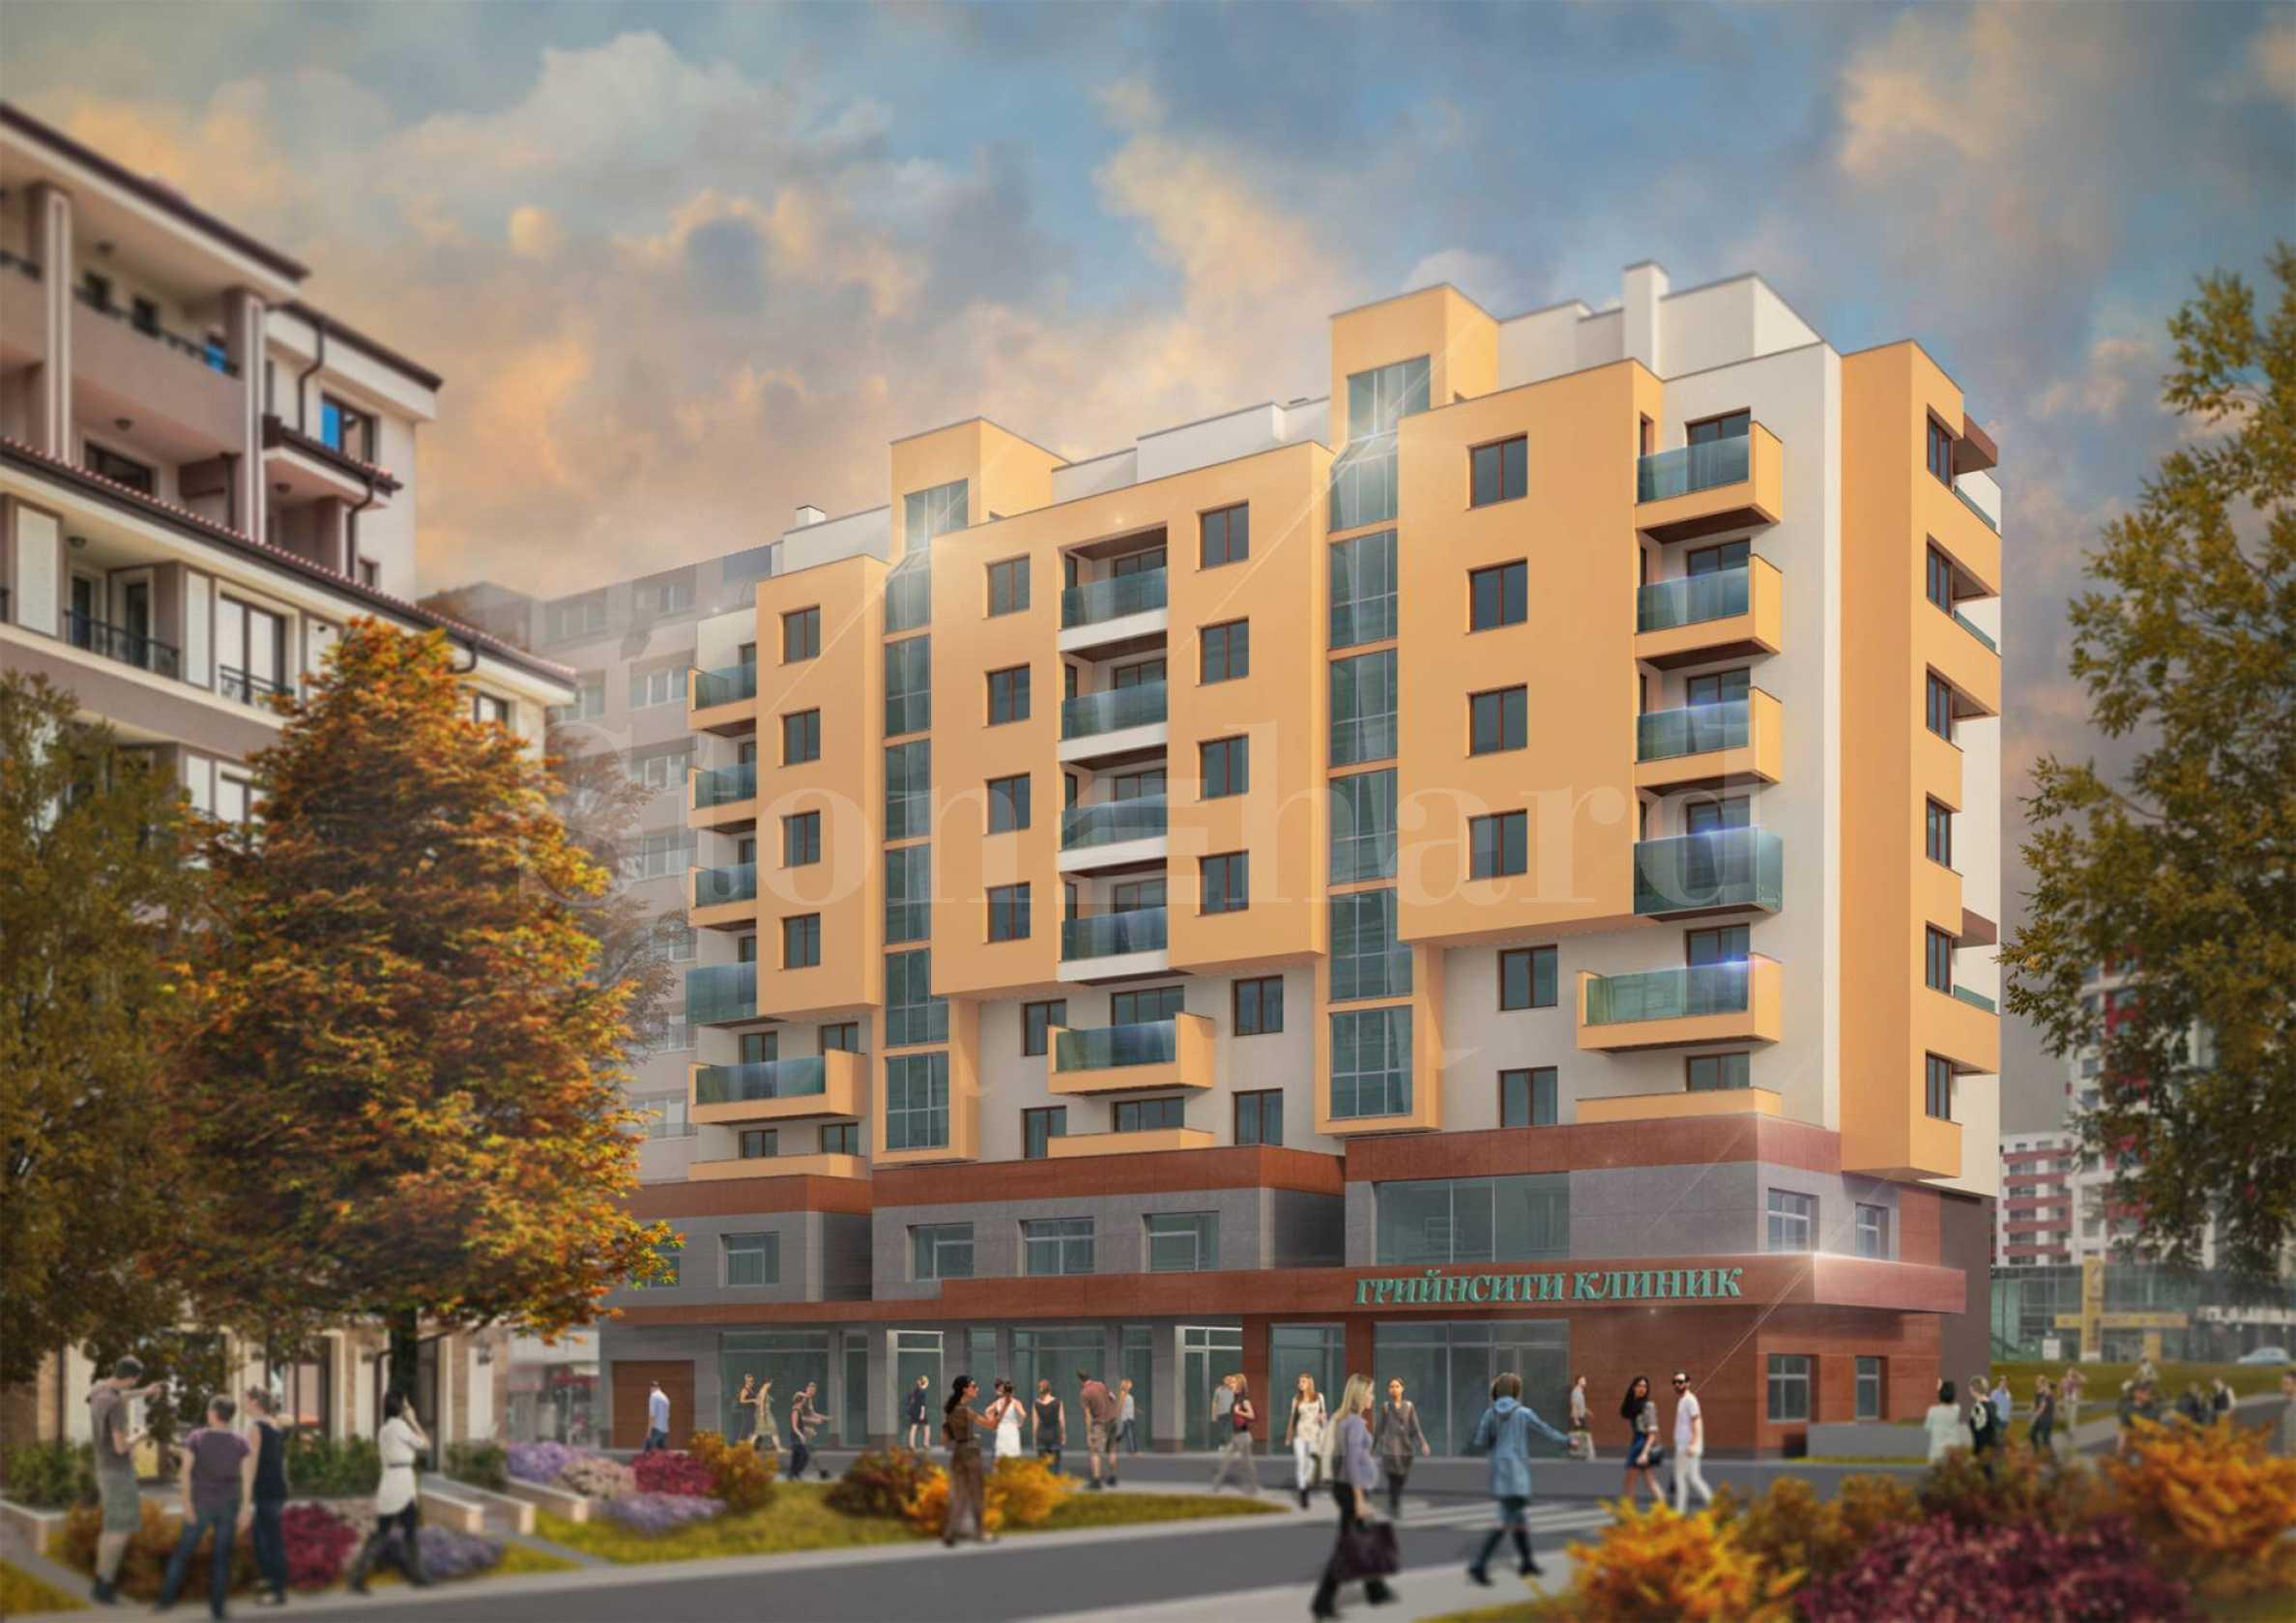 Нова жилищна сграда с магазин, аптека и медицински център1 - Stonehard